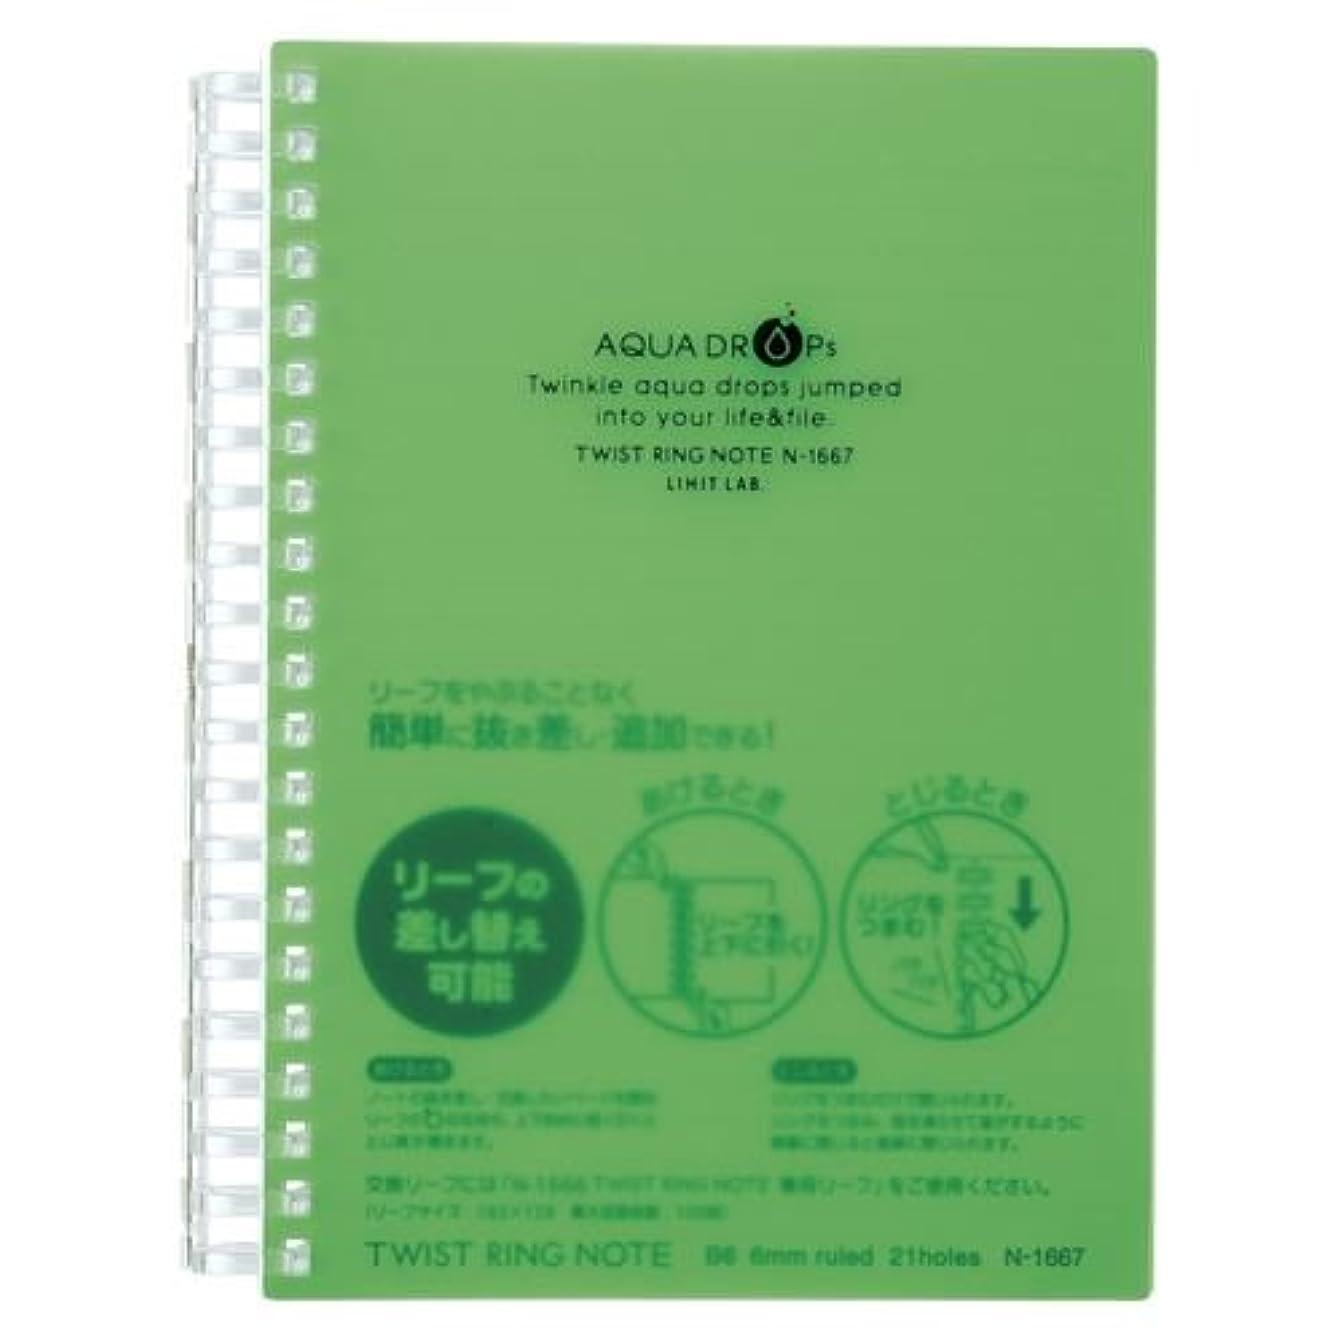 リヒトラブ ツイストリングノート B6 黄緑 N-1667-6 00020085【まとめ買い10冊セット】